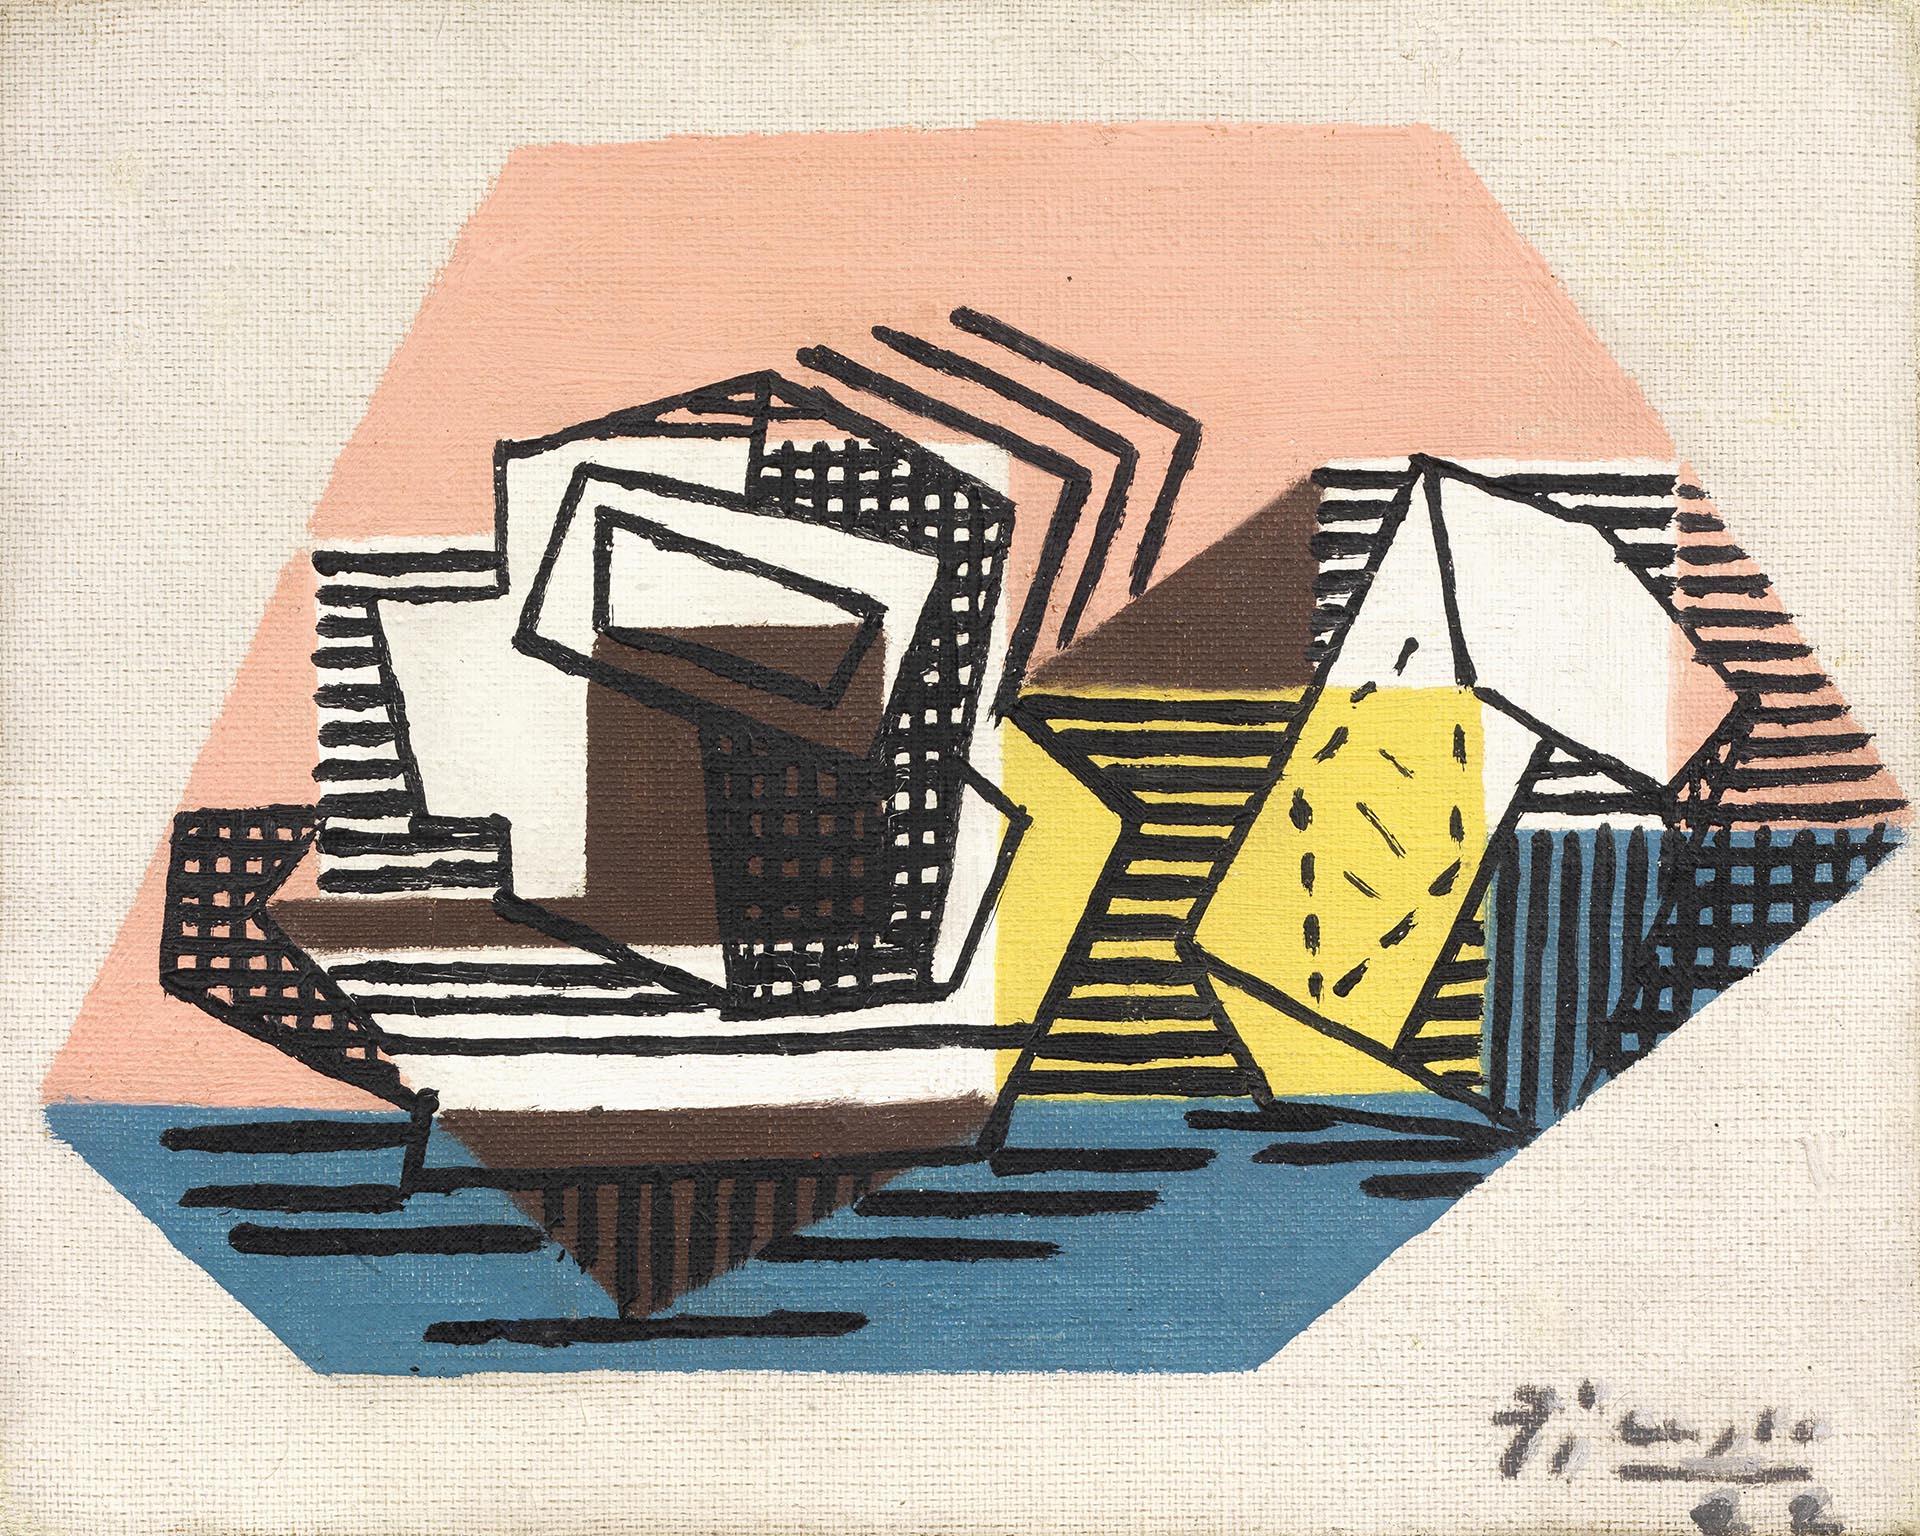 Picasso_Tasse-paquet-de-tabac_1922_19x24-cm